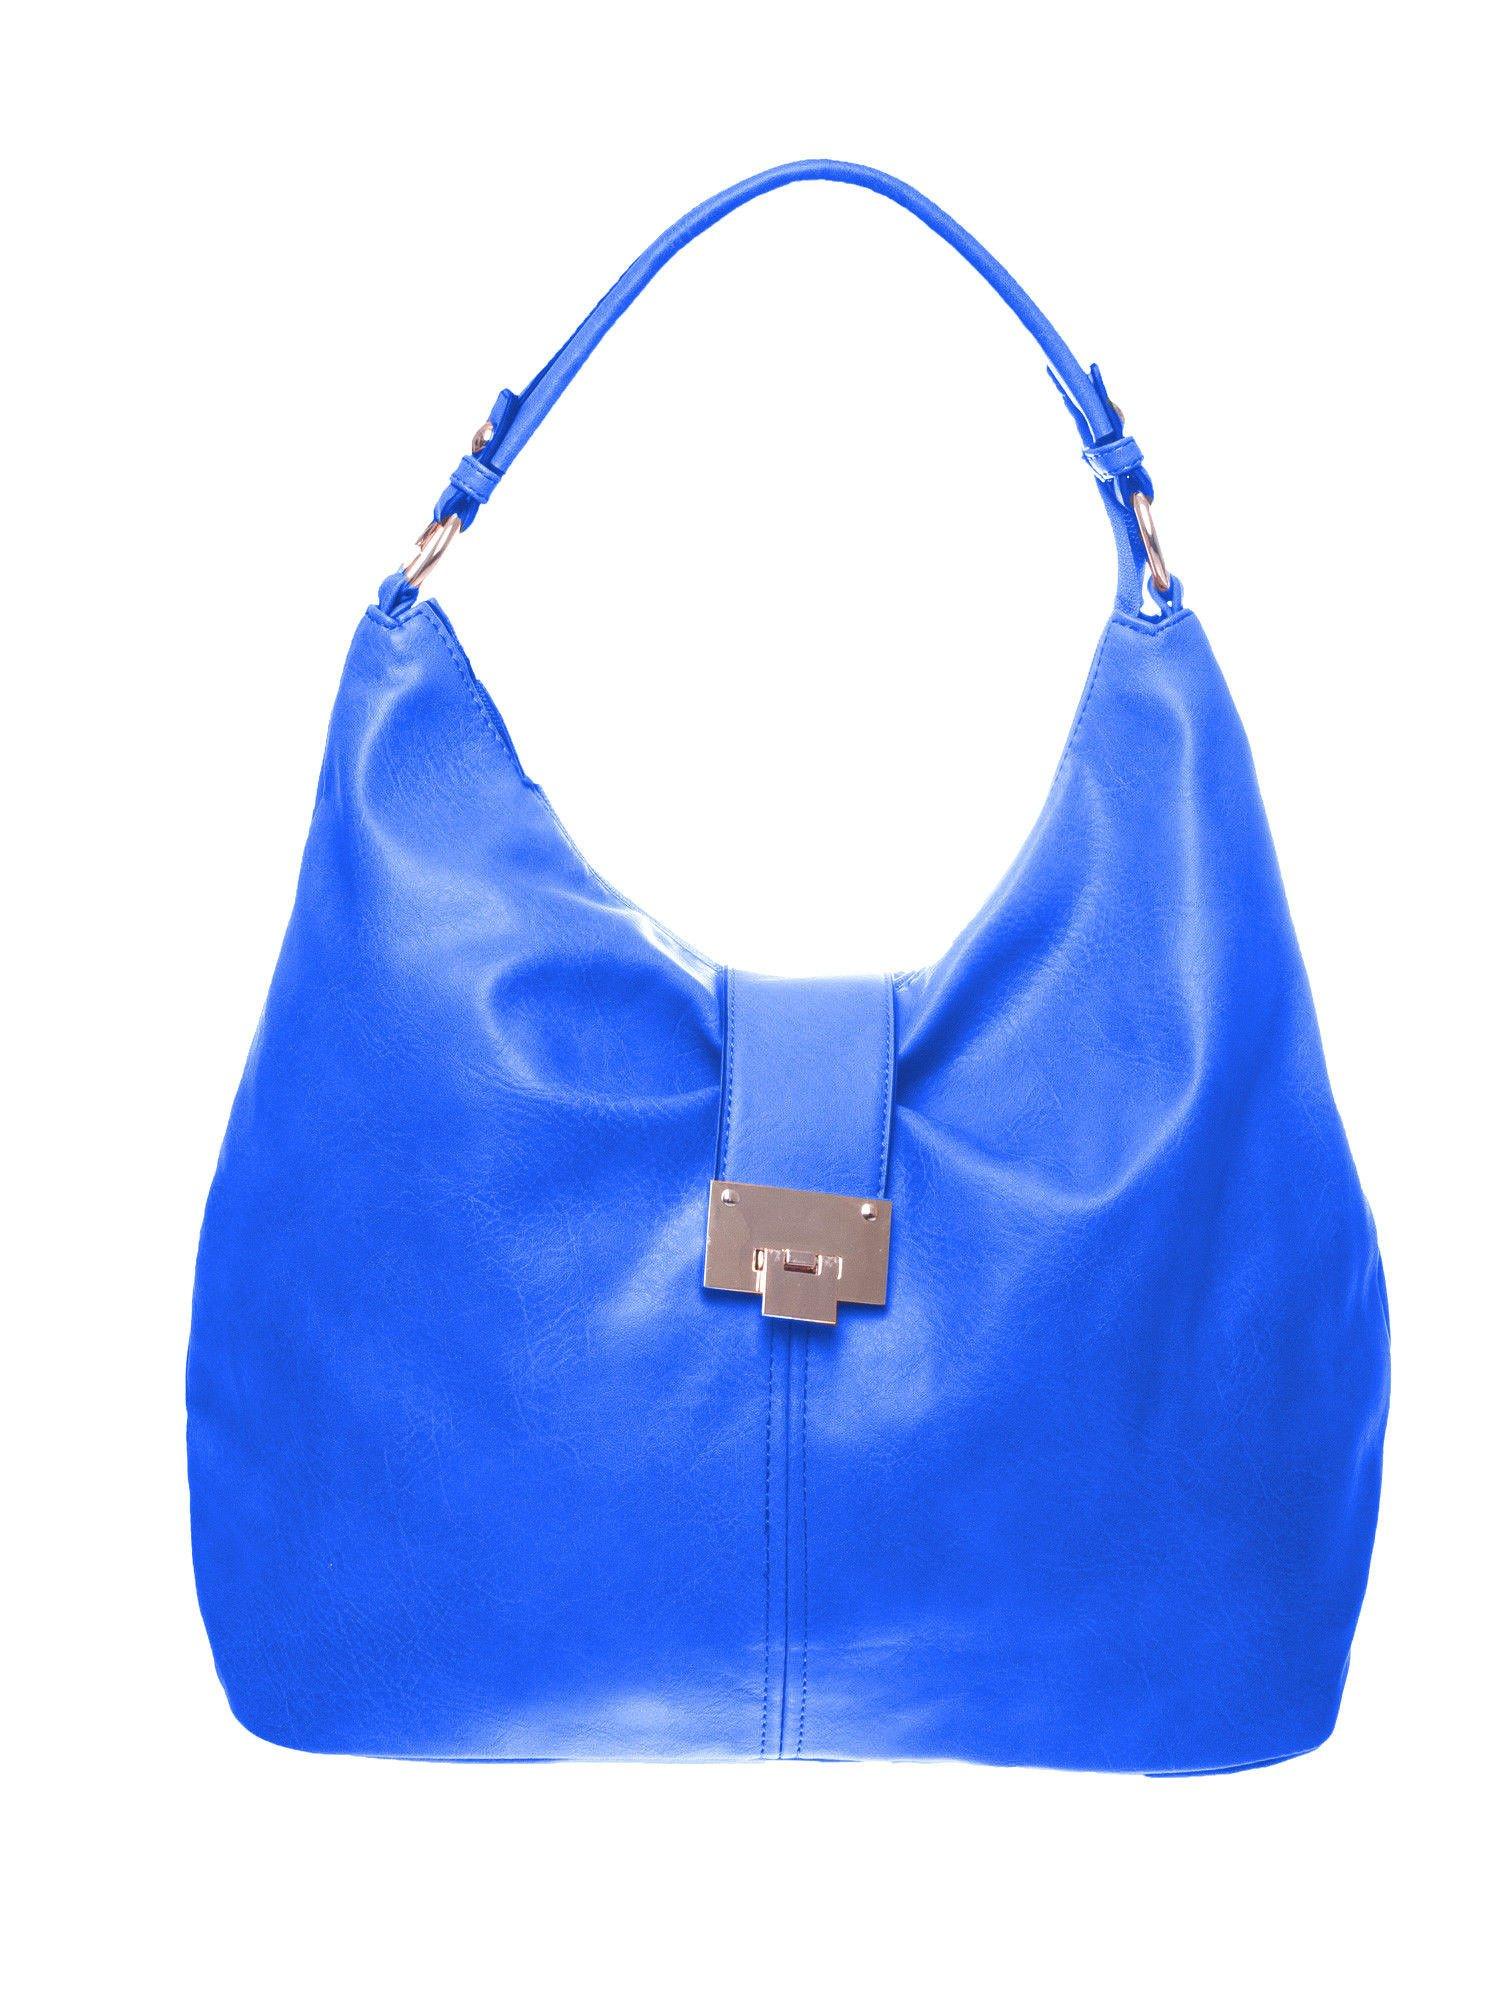 Niebieska torebka hobo z zapięciem                                  zdj.                                  1